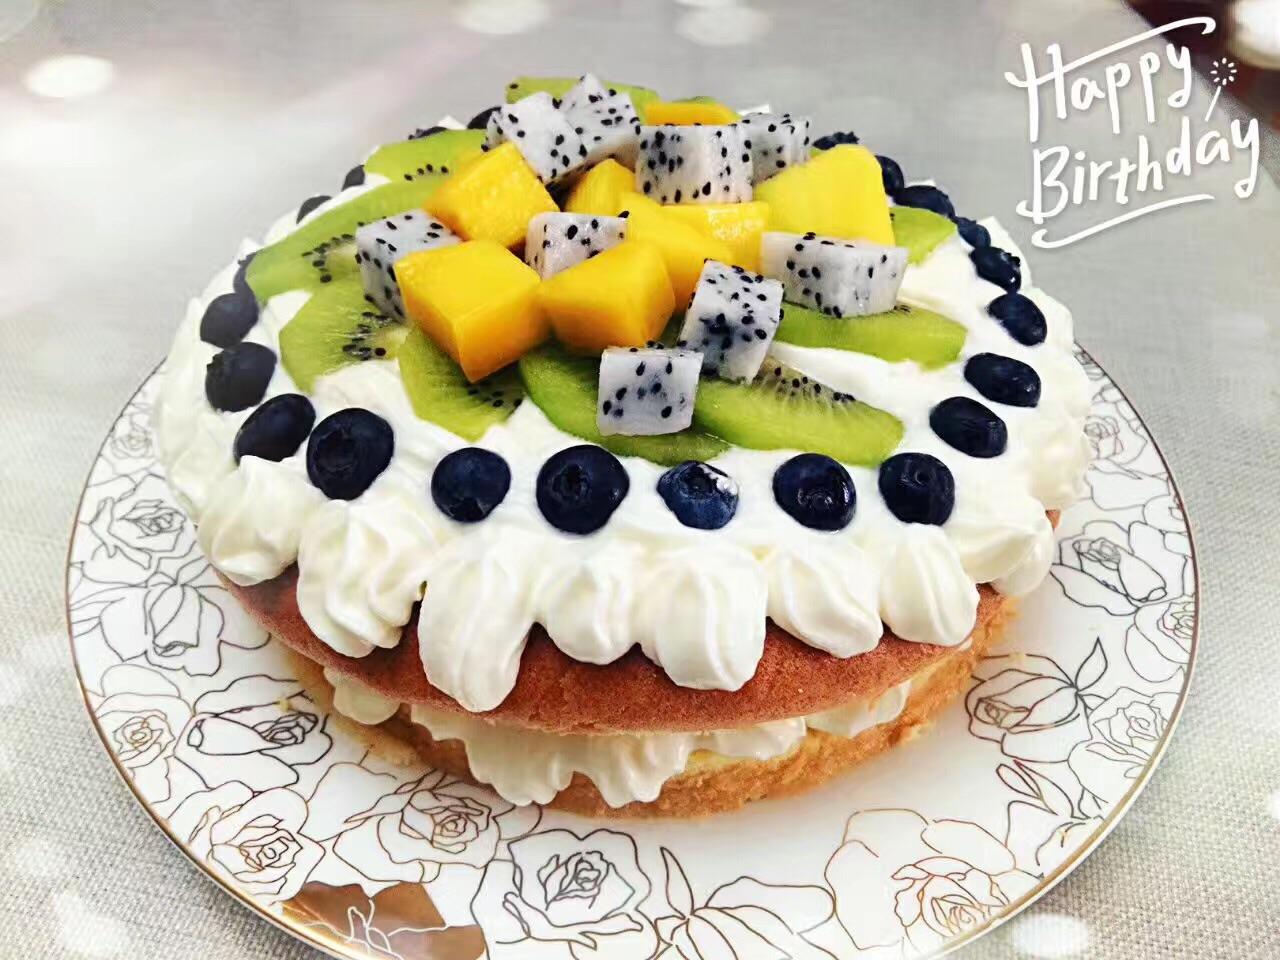 蛋糕横切成片,中间涂抹奶油,平铺芒果.